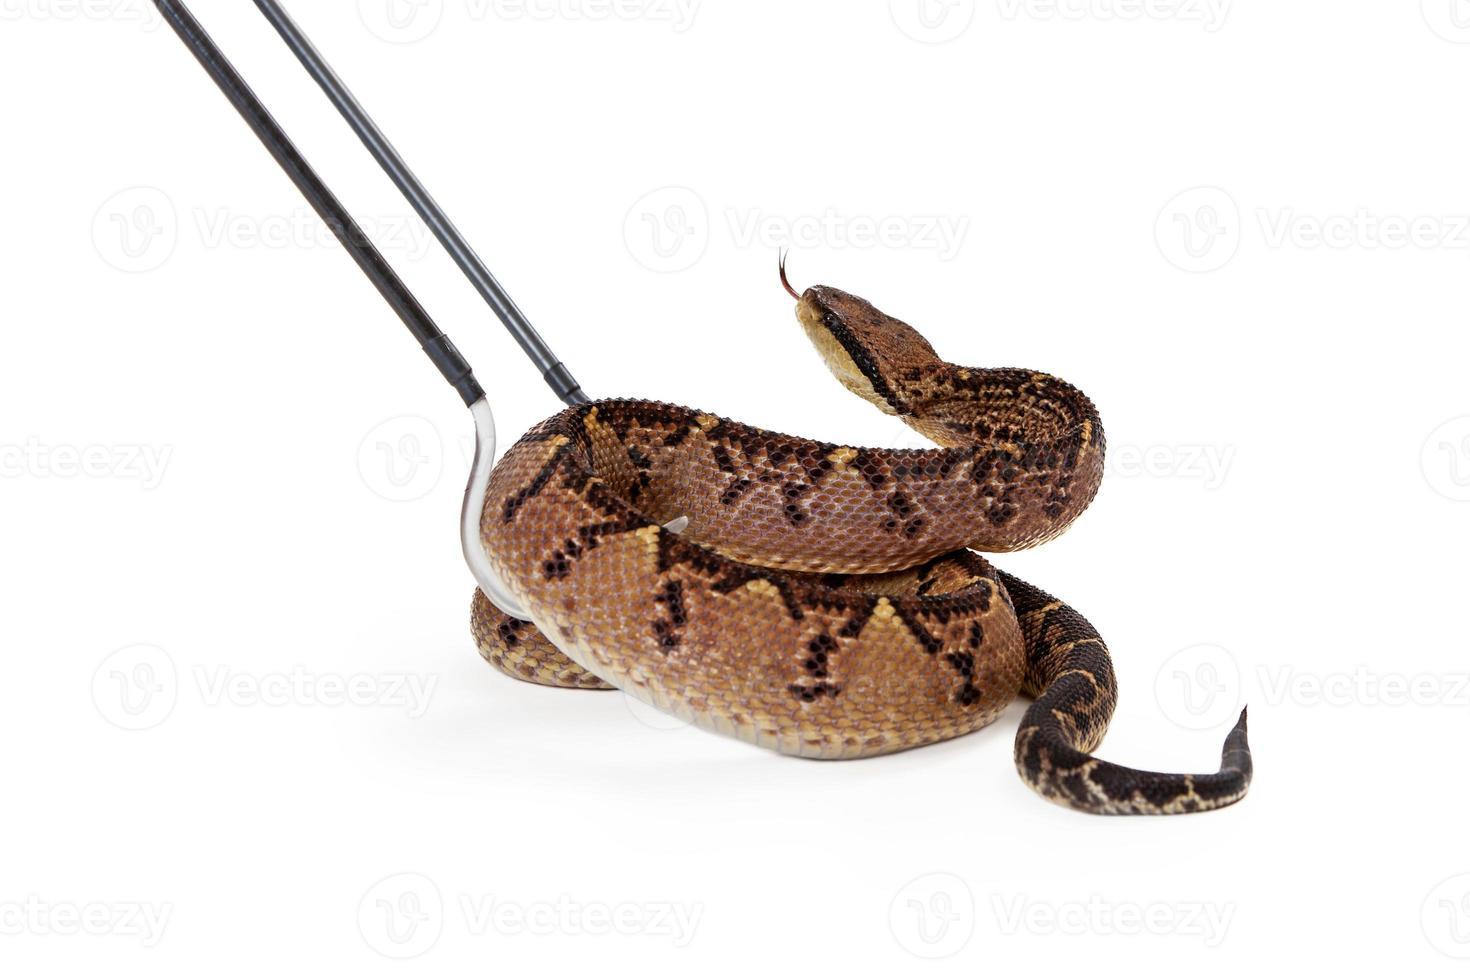 serpente bushmaster centroamericano che viene raccolto foto